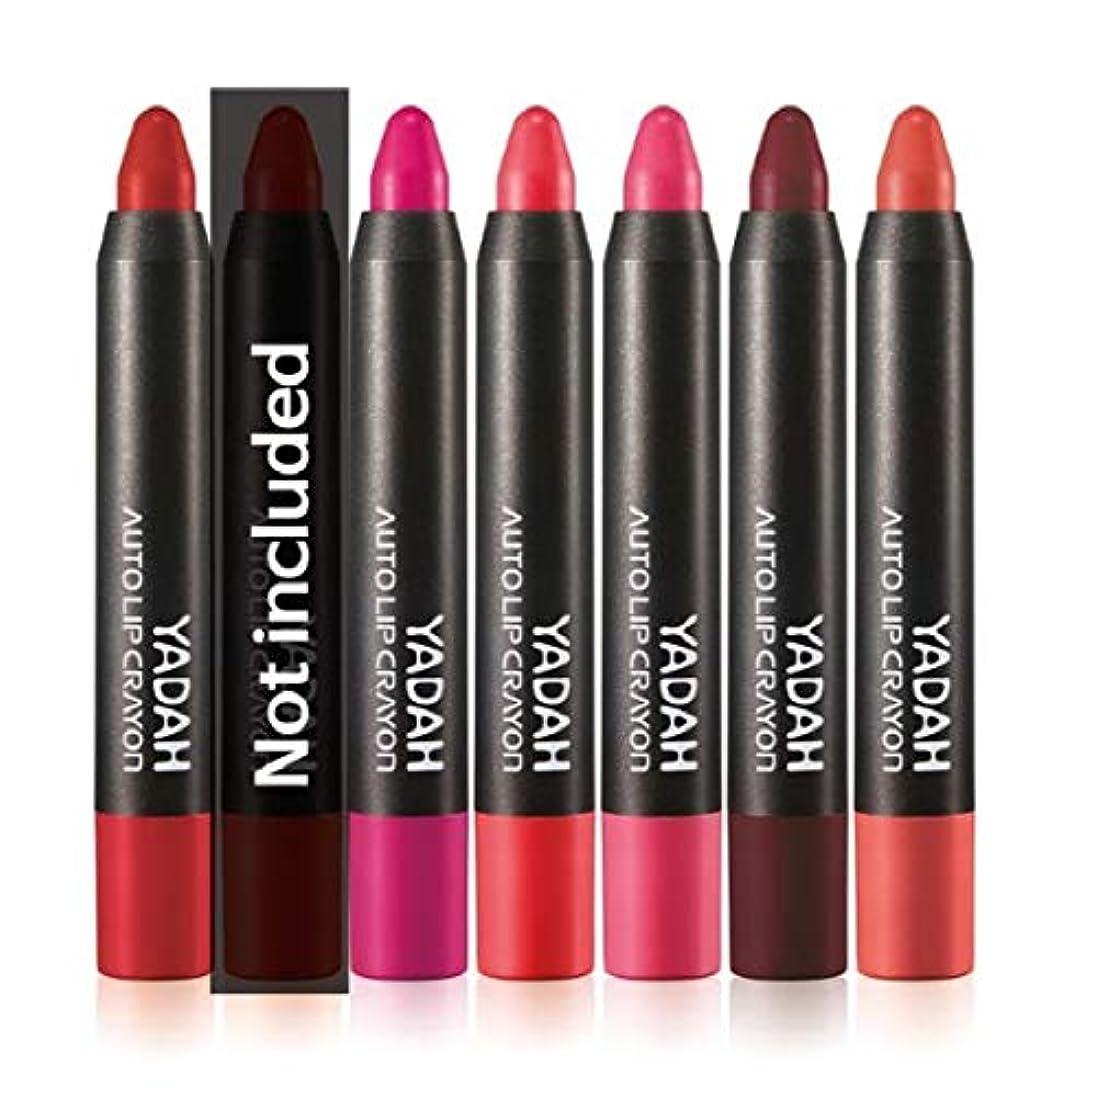 登録する先例顧問YADAH Auto Lip Crayon #06 Plum Bugurndy 2.5g オートリップクレヨン - 2.5g[並行輸入品]